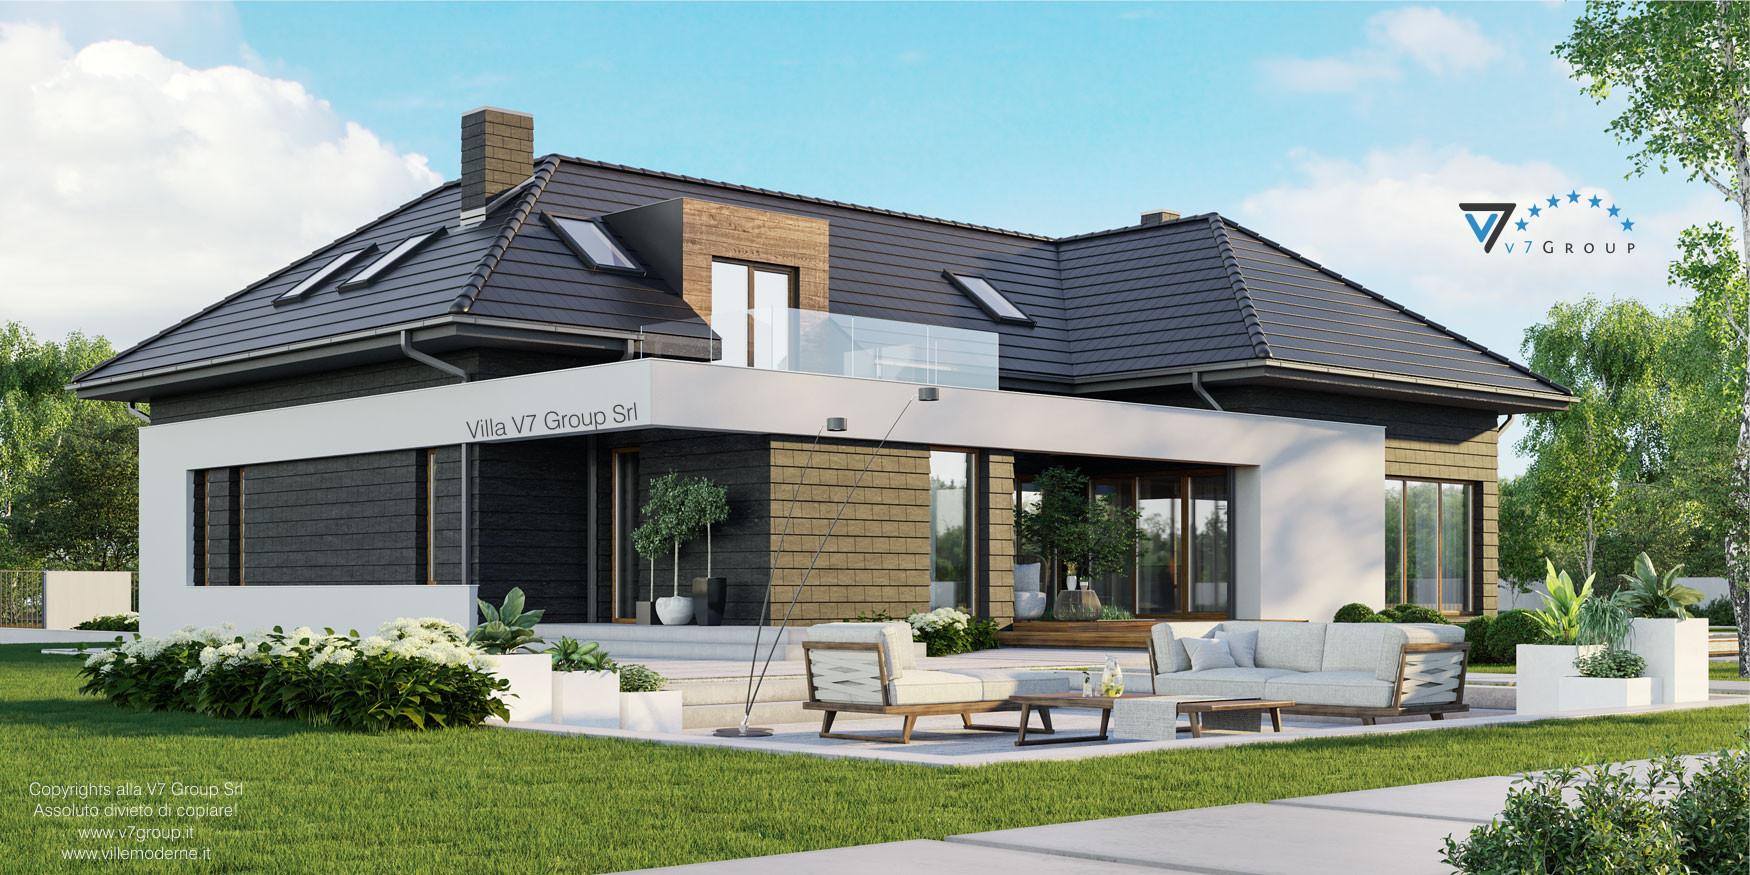 Immagine Villa V13 ENERGO - nowy - vista laterale